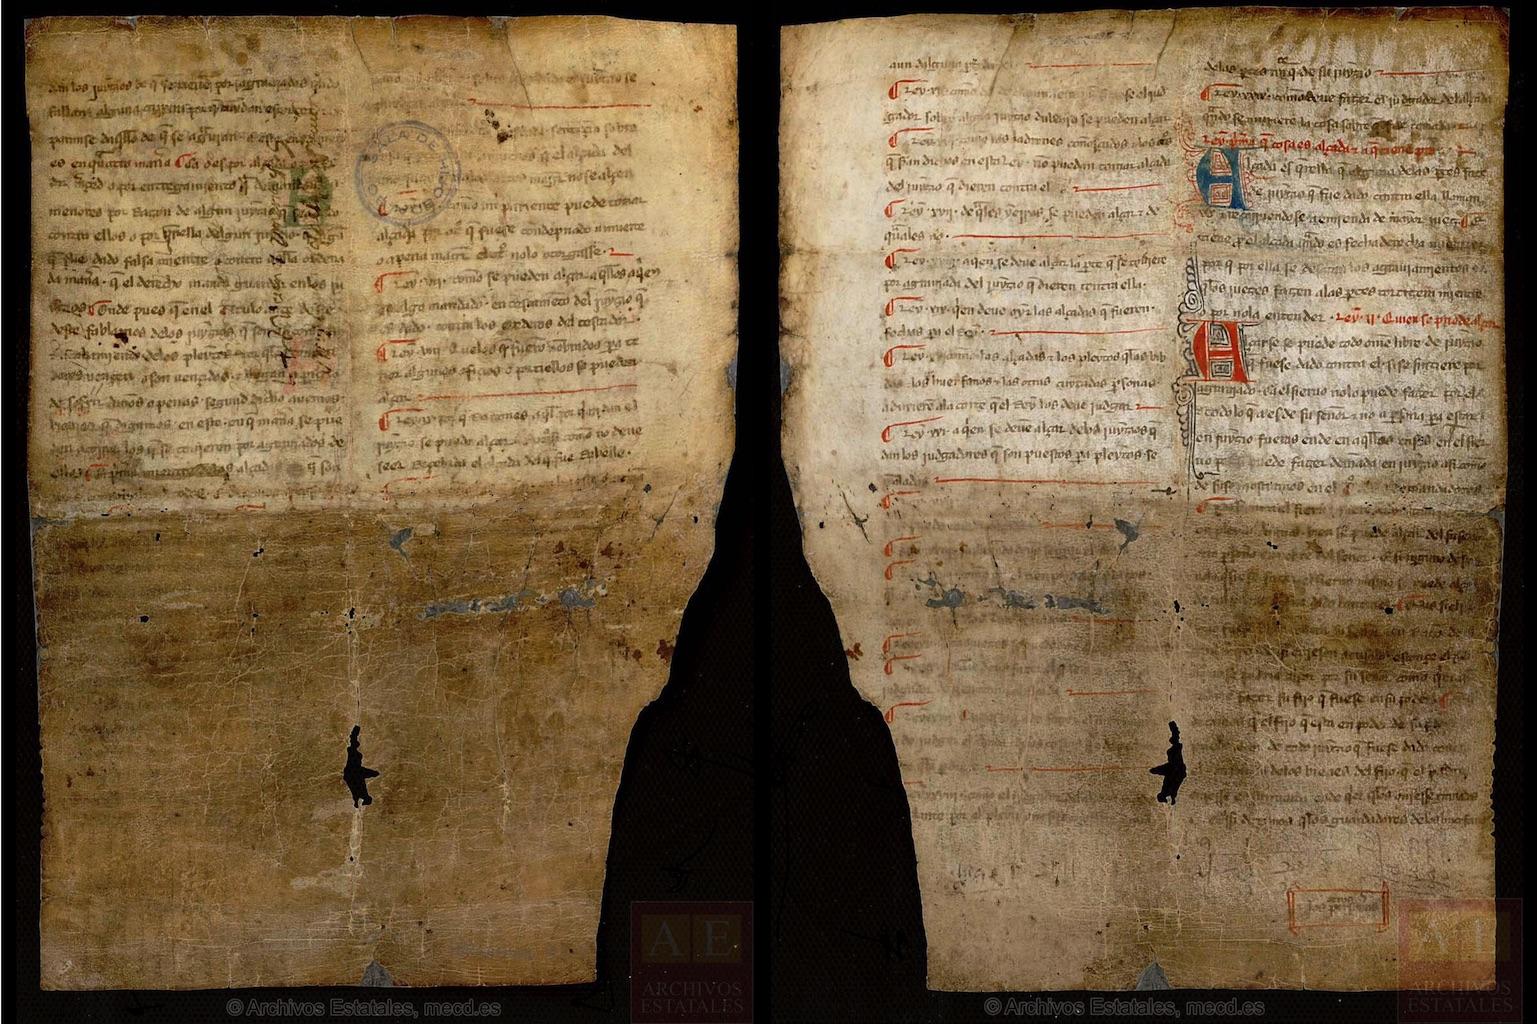 Archivo de la Real Chancillería de Valladolid, pergaminos, carpeta 192-5